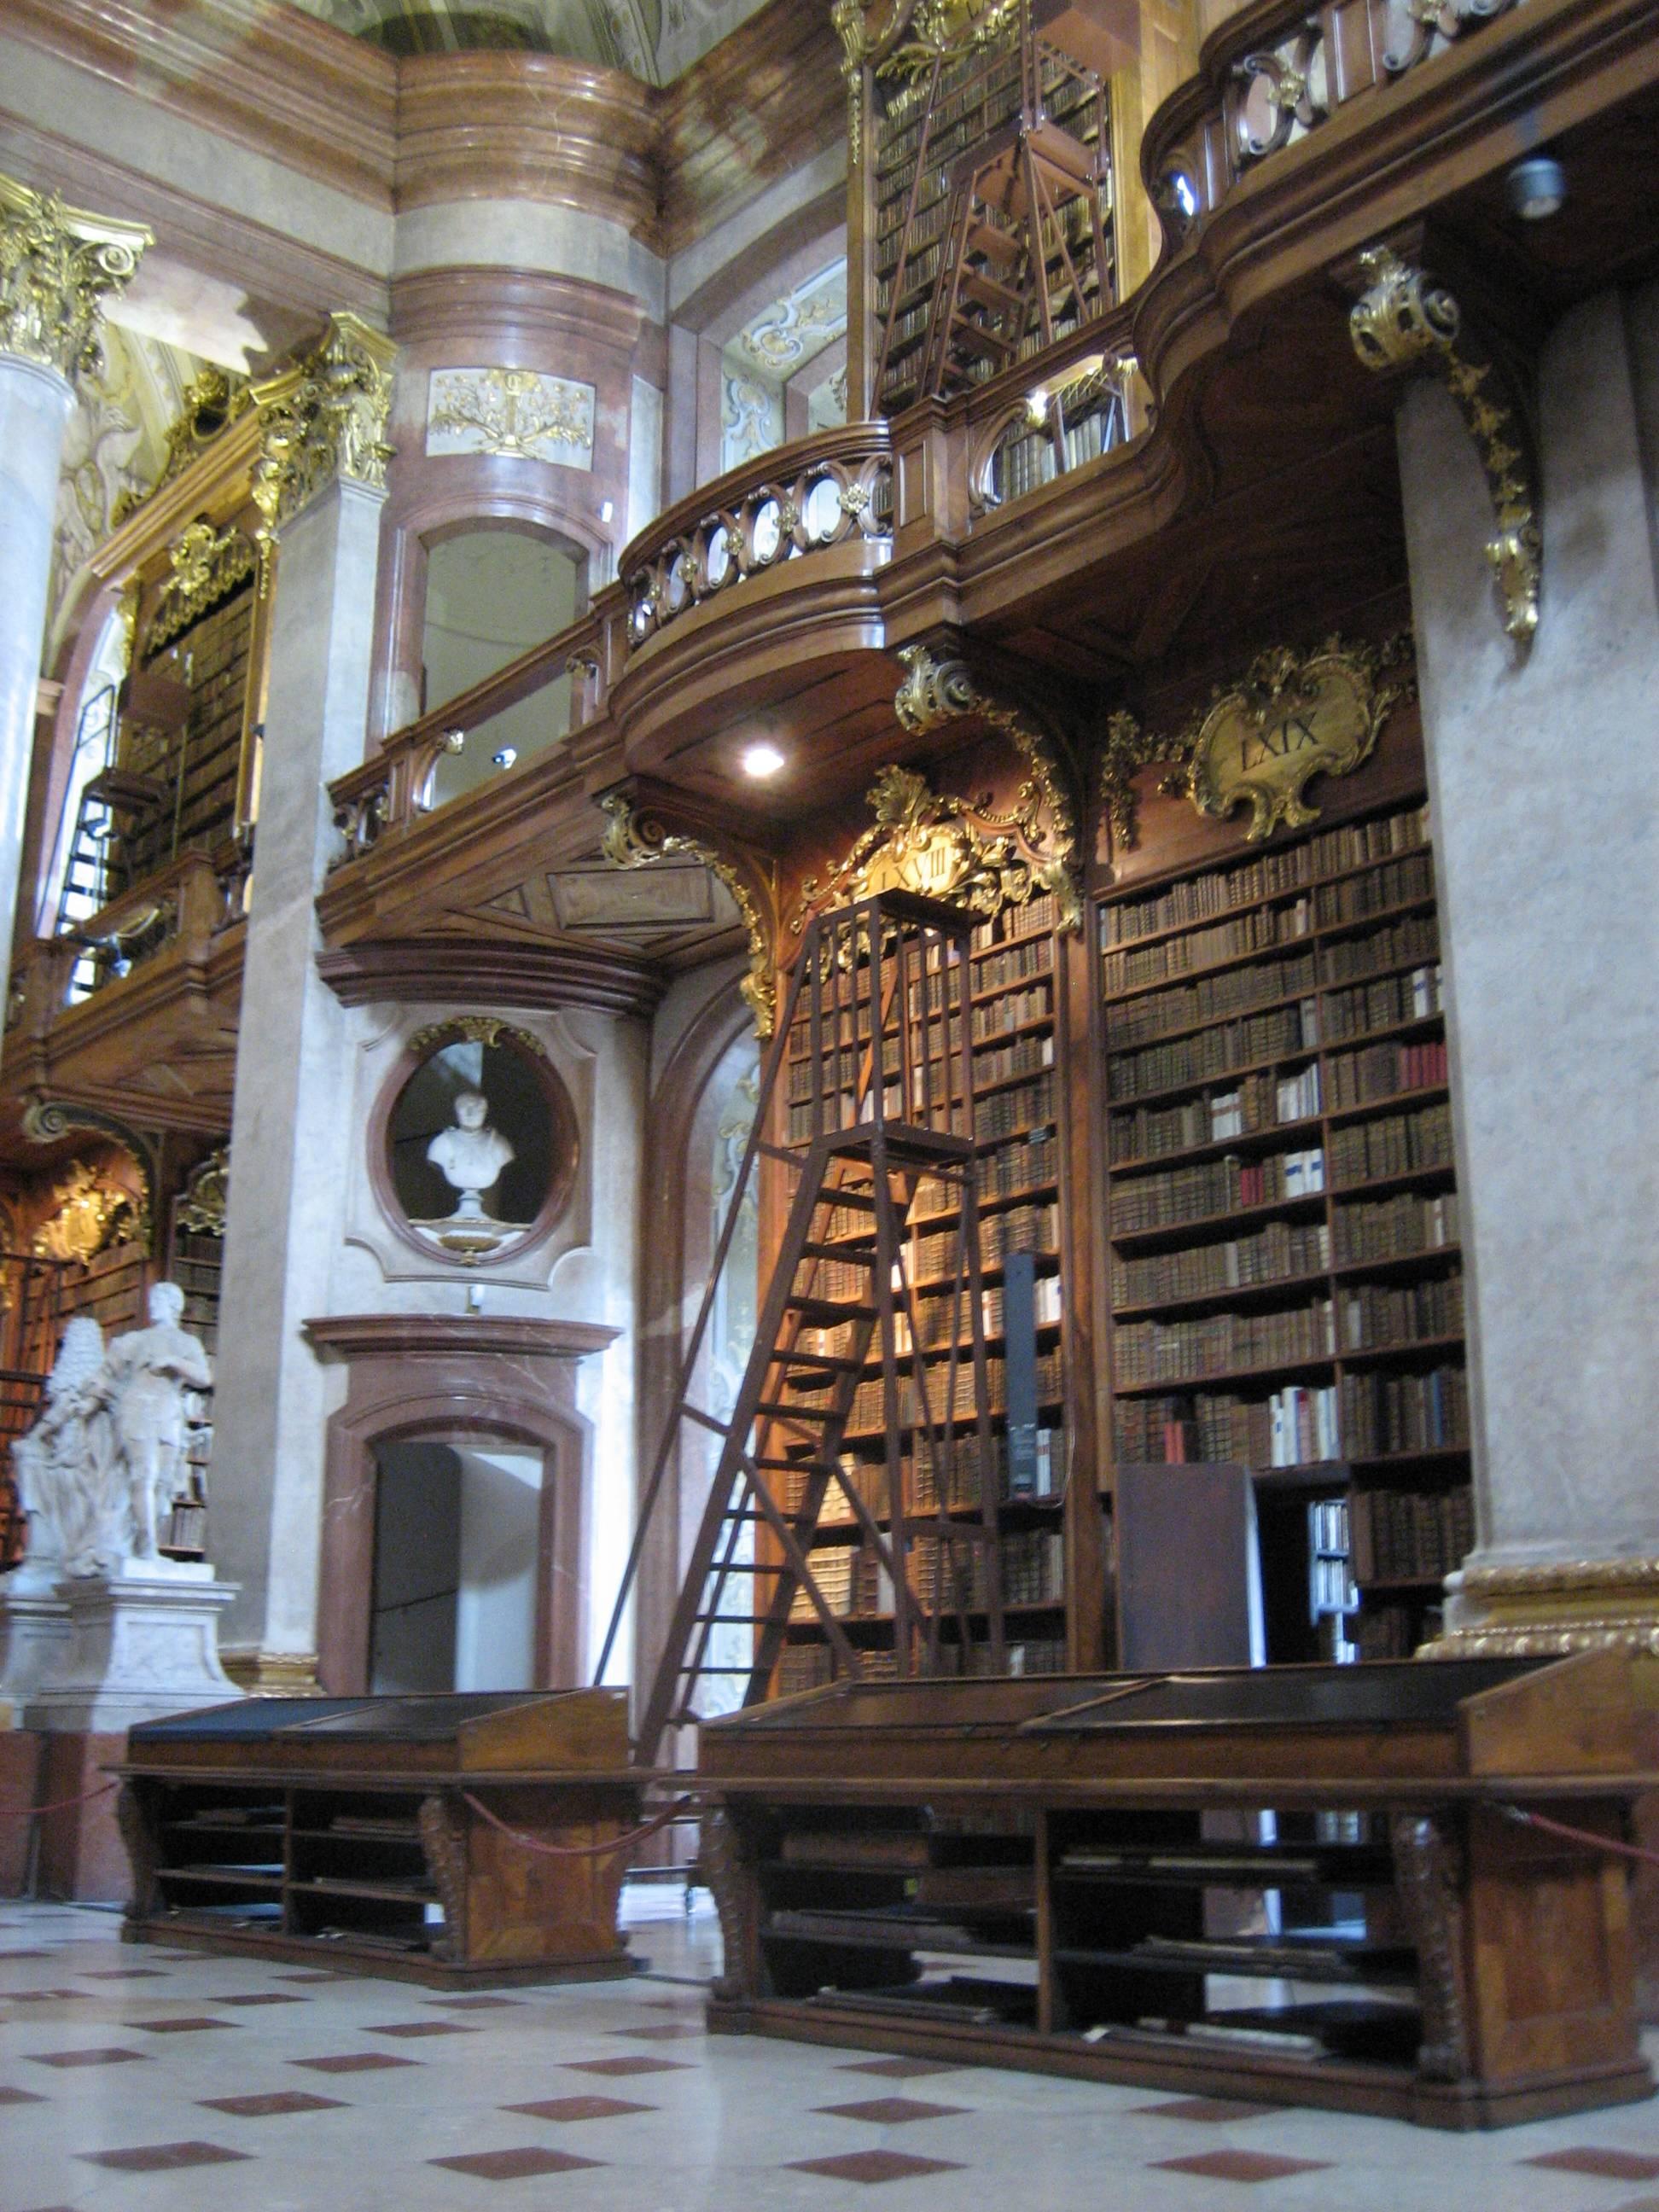 Двухярусные стеллажи со старыми книгами. Источник https://upload.wikimedia.org/